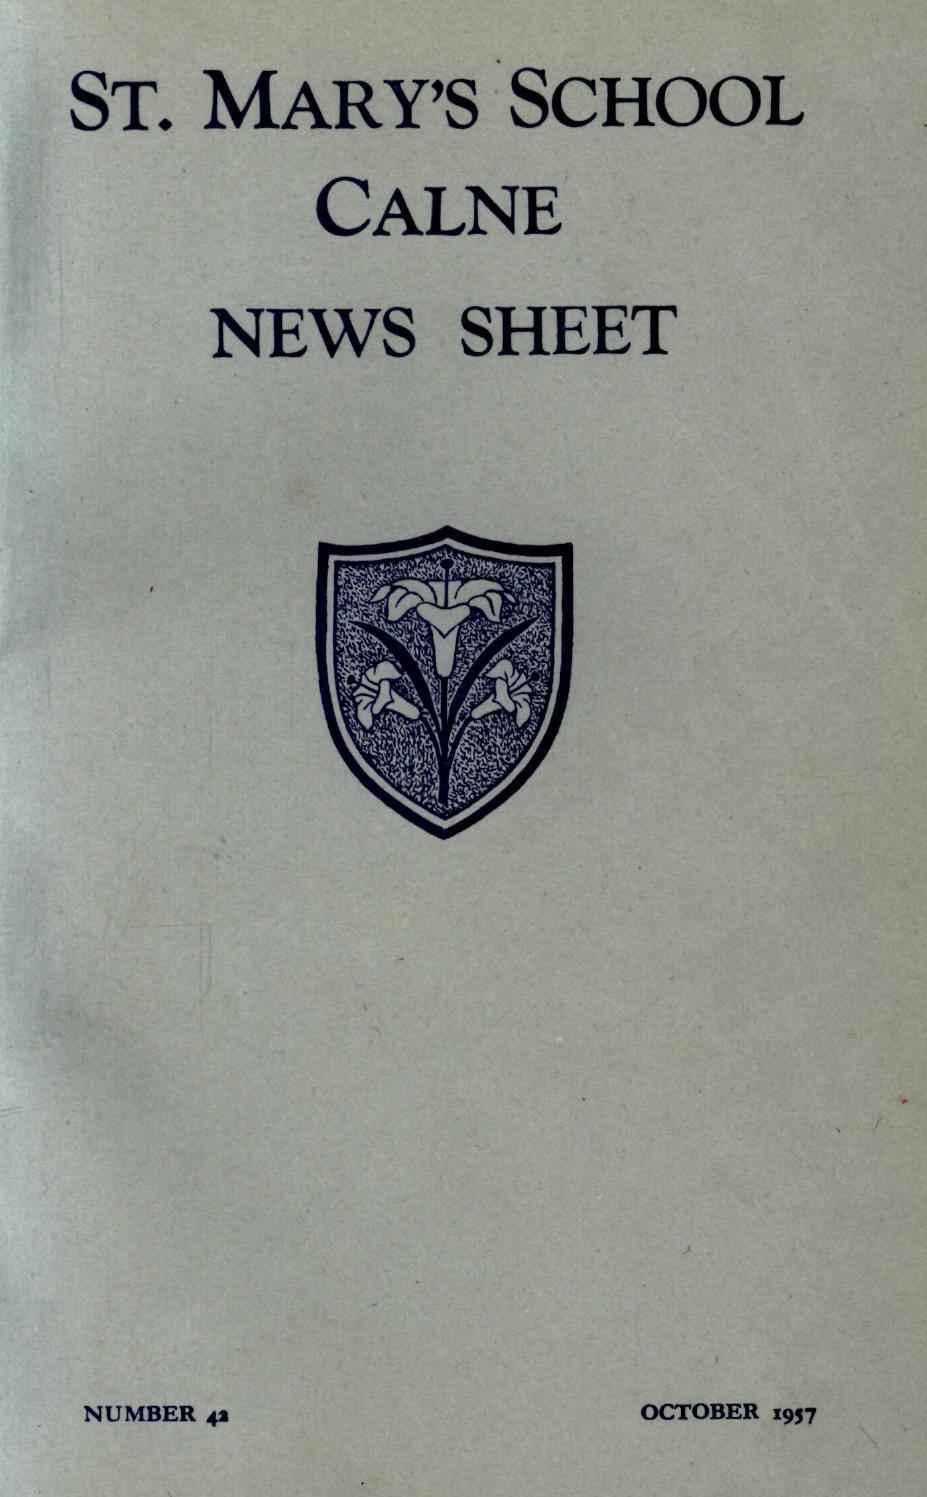 53c37b5995f St Mary s Calne News Sheet - 42 by St Mary s Calne - issuu